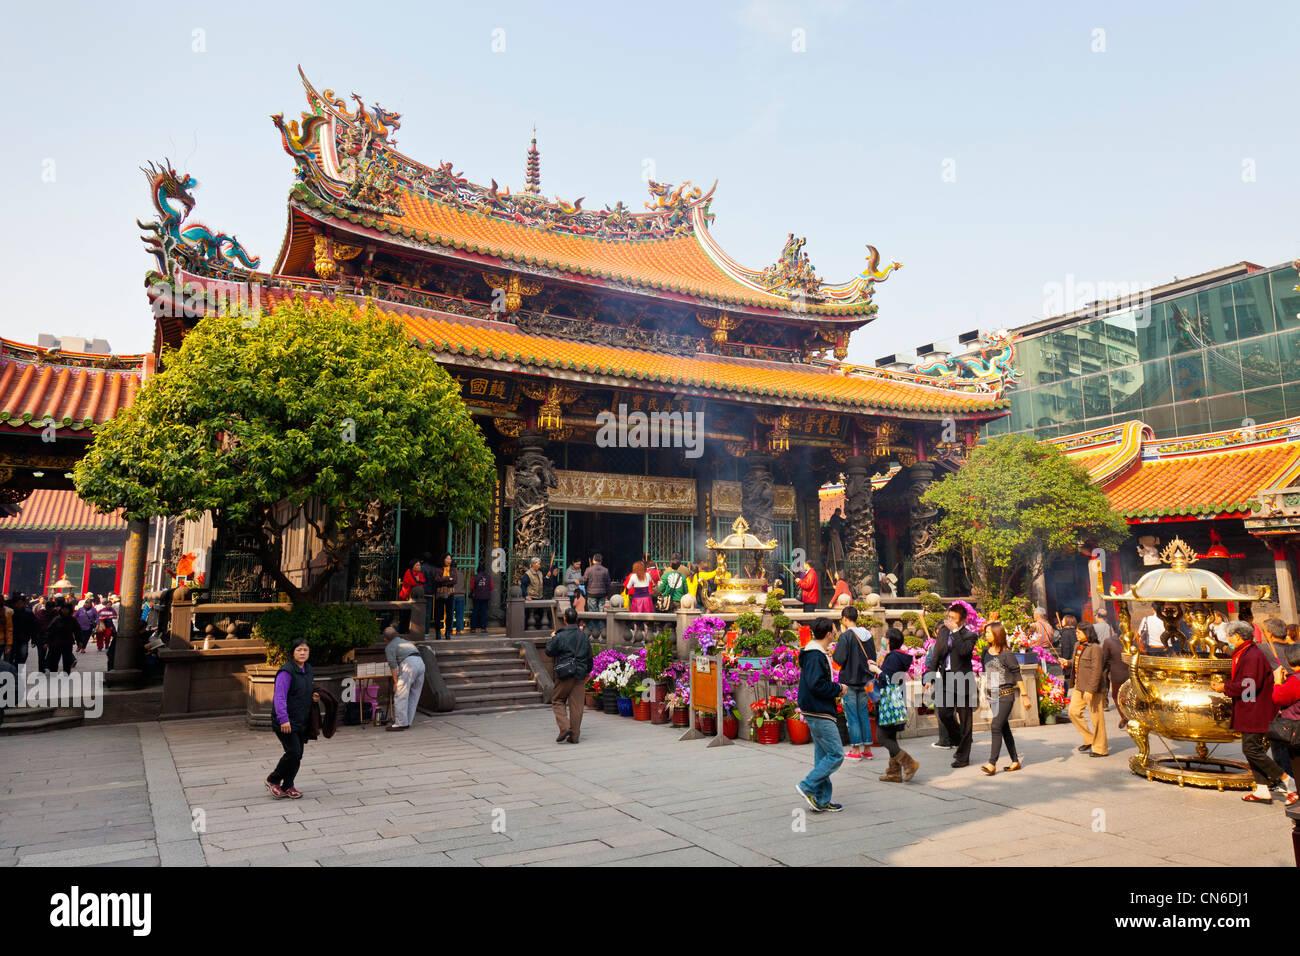 O Templo Lungshan Longshan Taipei Taiwán. JMH5714 Imagen De Stock